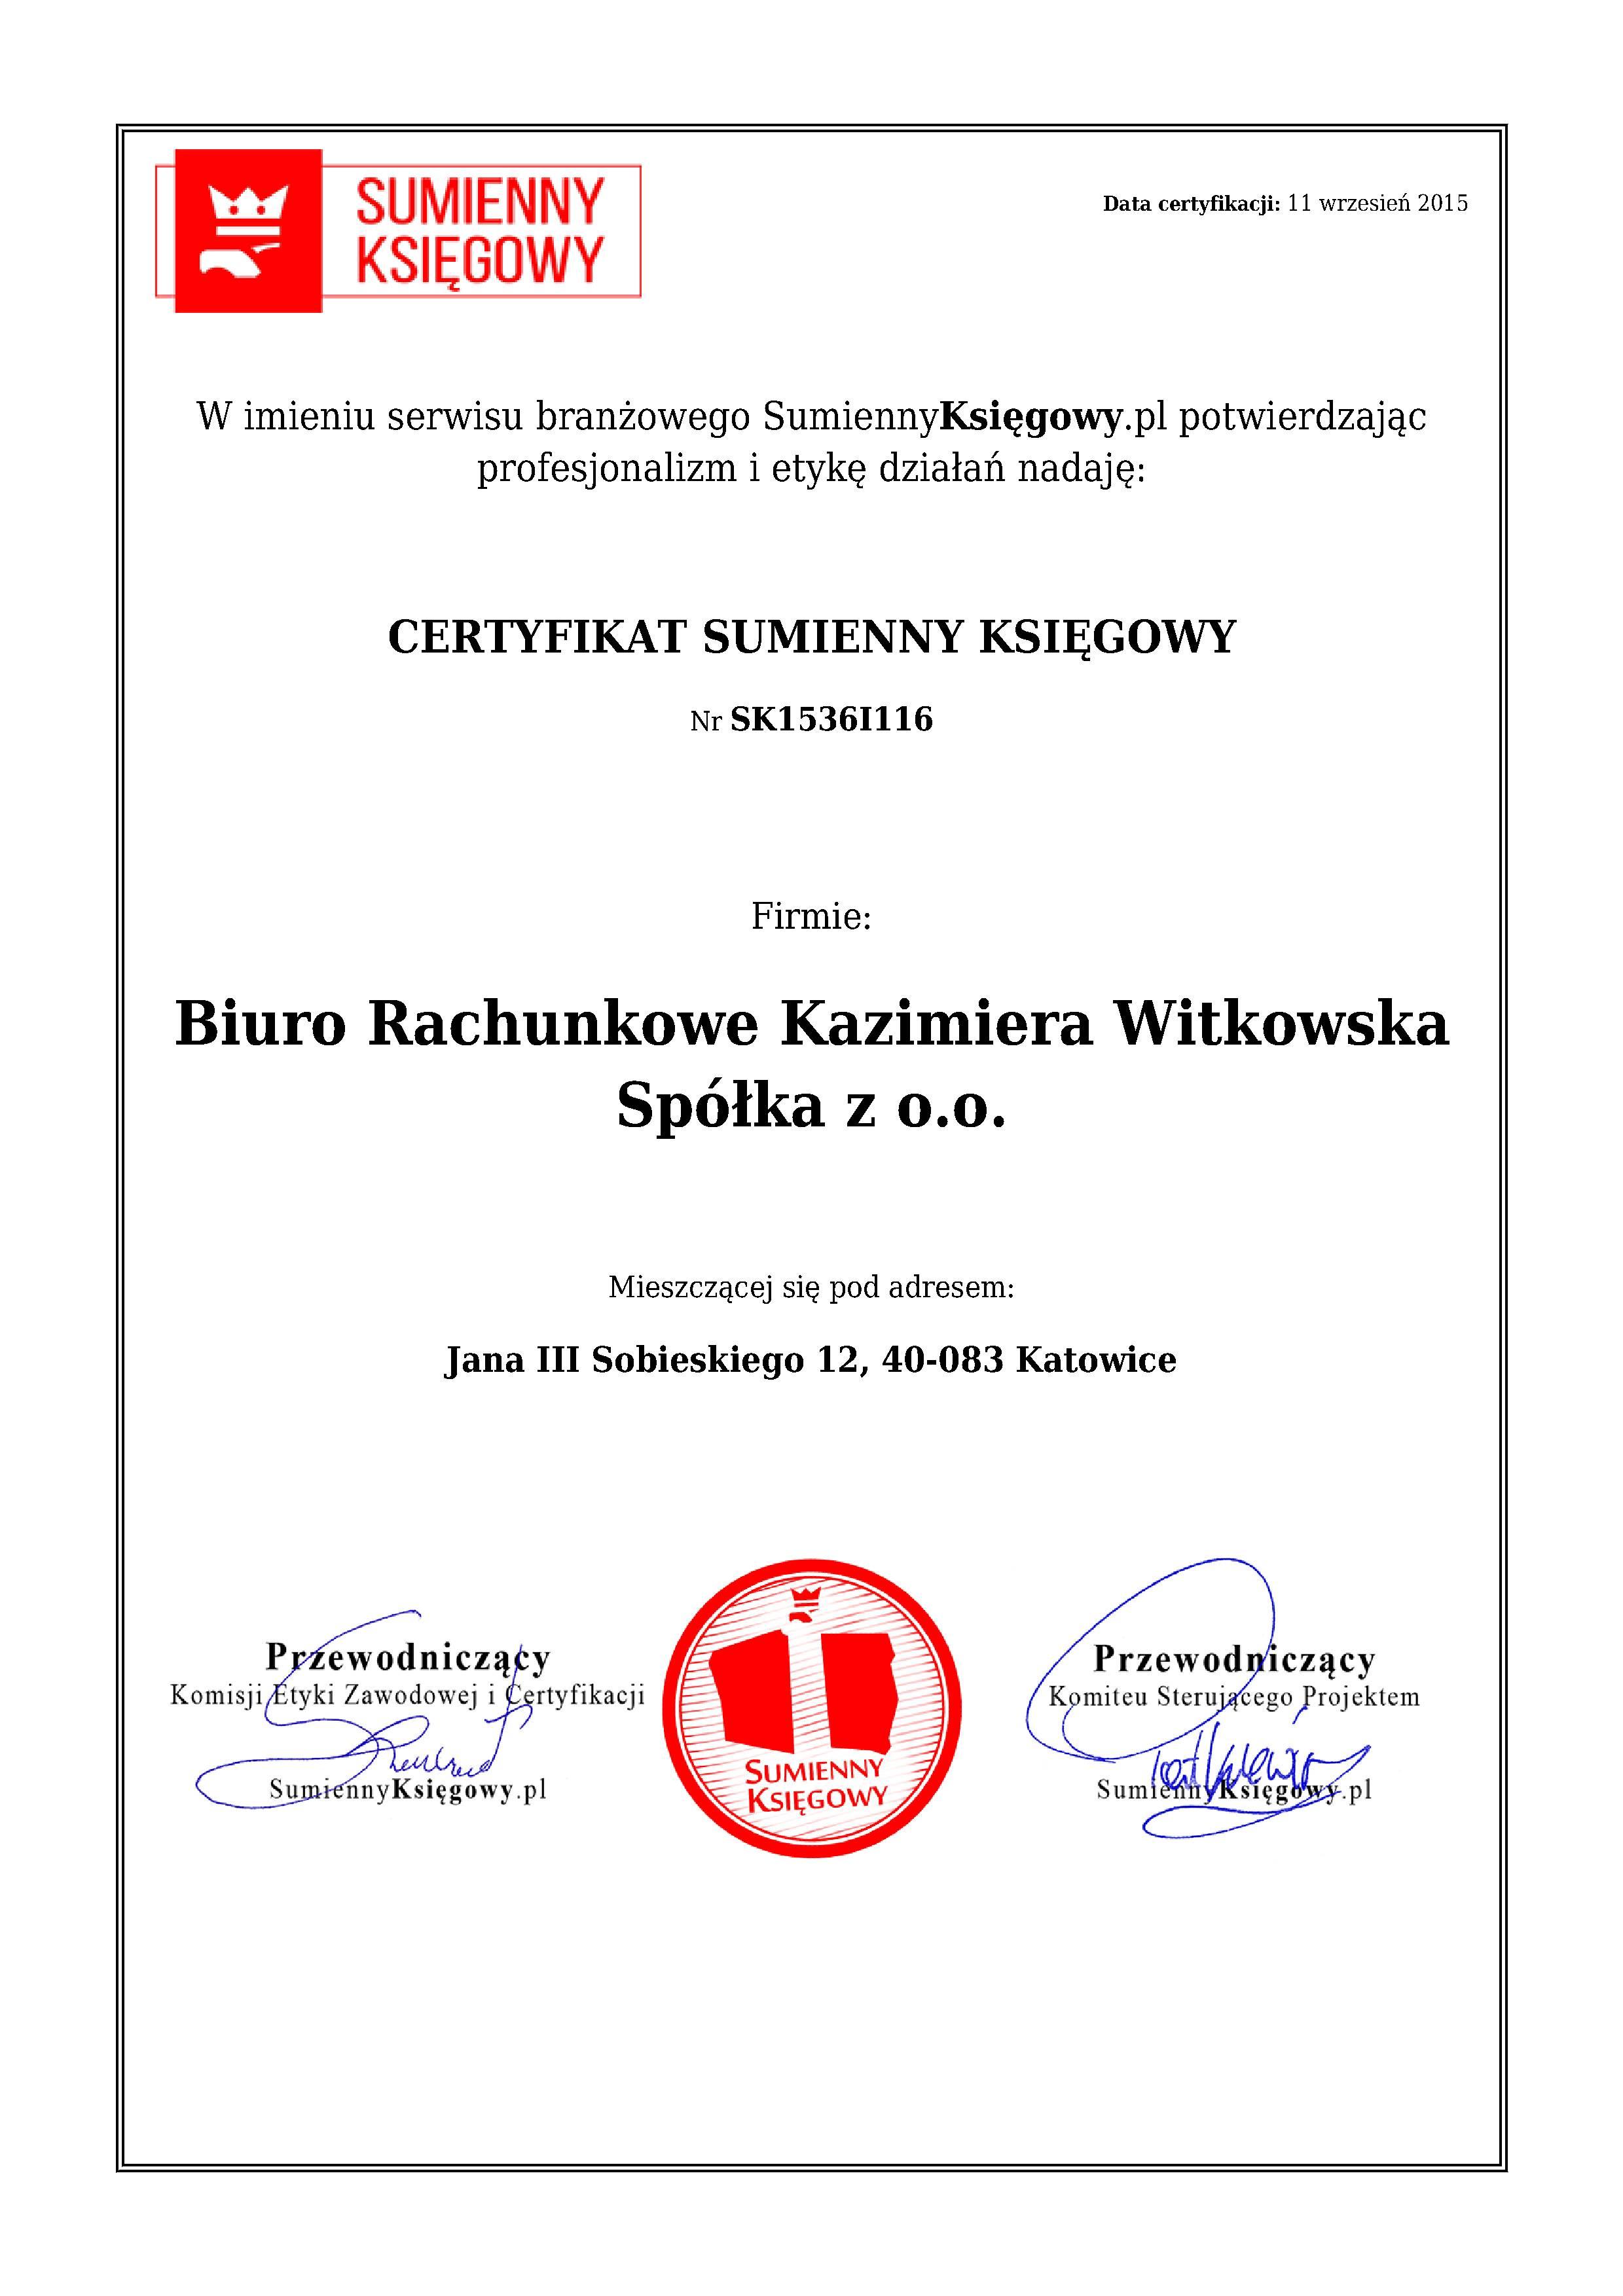 Certyfikat Biuro Rachunkowe Kazimiera Witkowska Spółka z o.o.